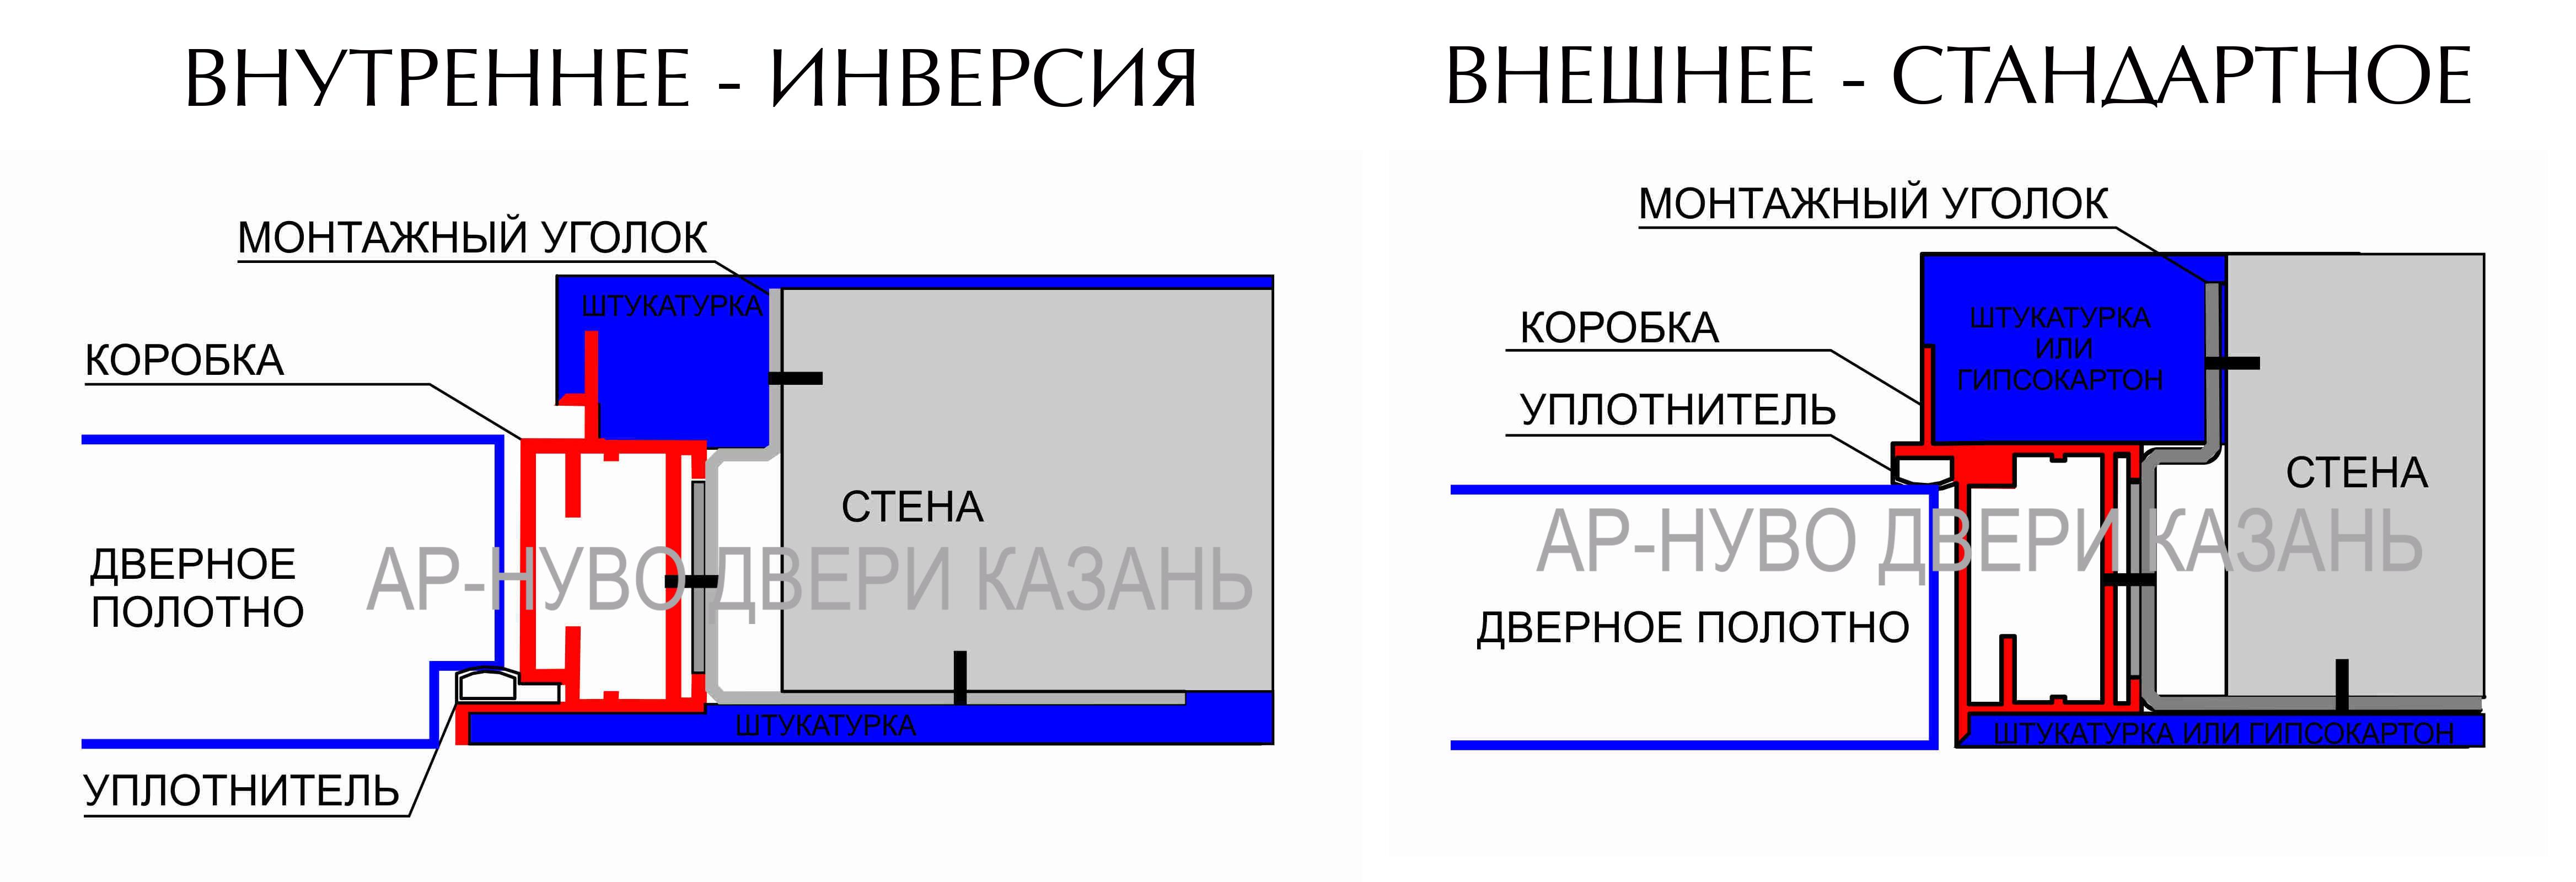 skrytyj-korob-kazan--inversiya-2